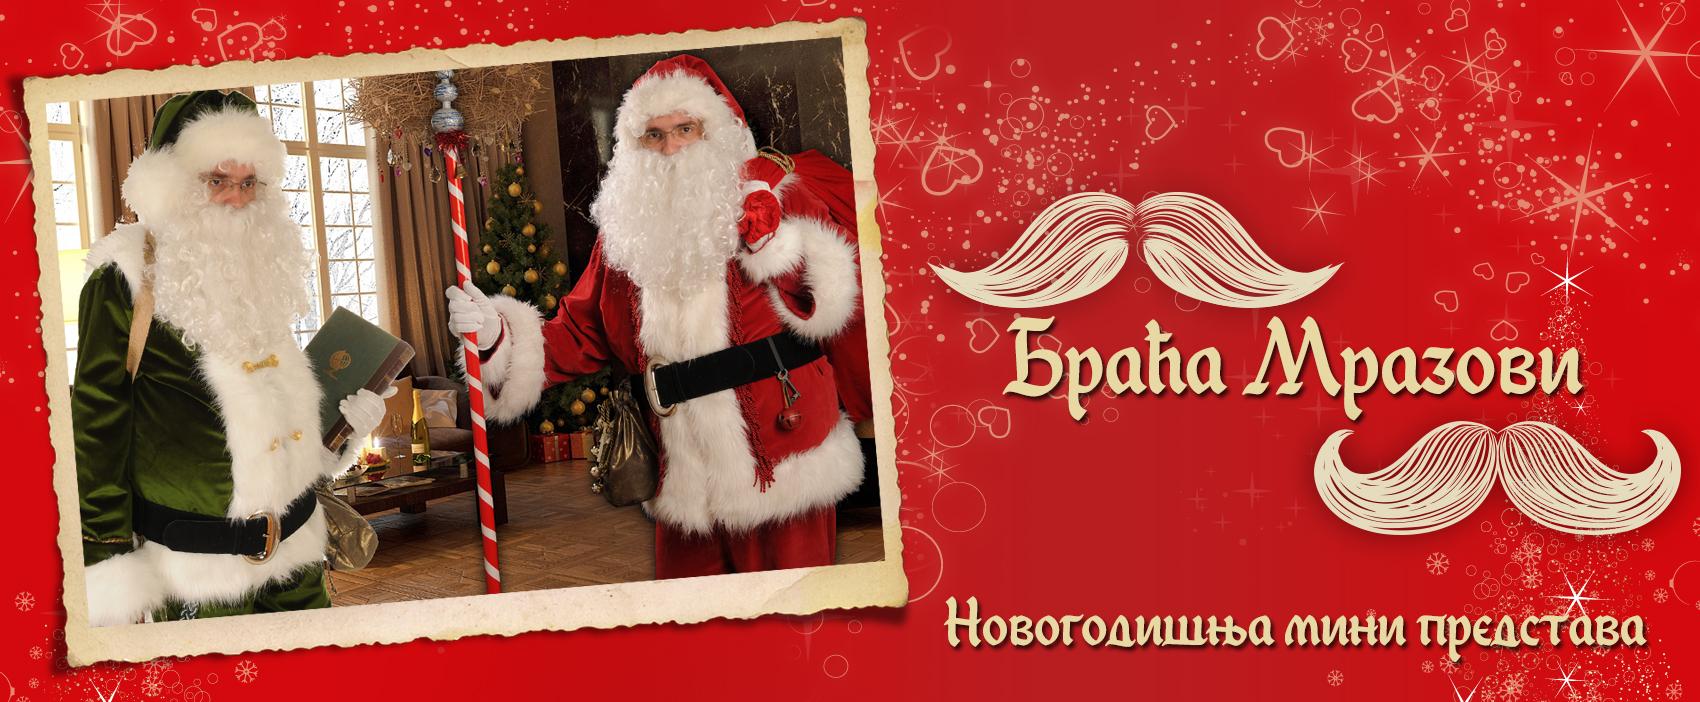 braca-mrazovi-novogodisnja-predstava